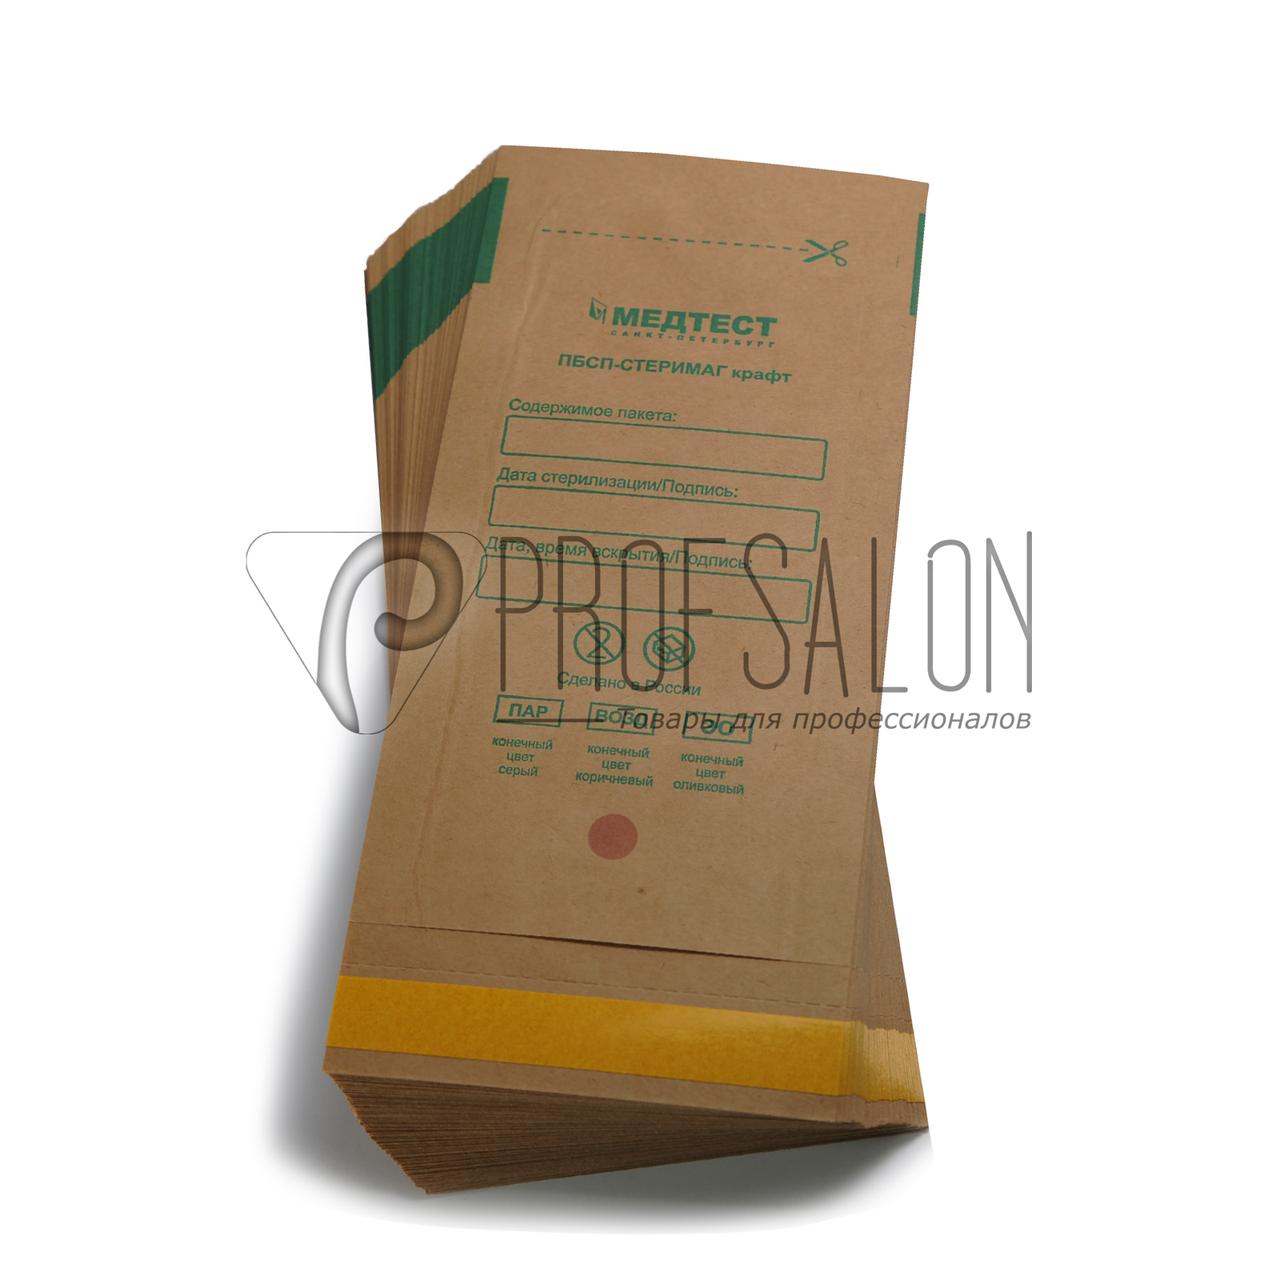 Пакеты для паровой, воздушной, этиленоксидной стерилизации, бумажные самоклеющиеся, плоские Размер: 100х 200 (крафт) Кол-во: 100 шт.